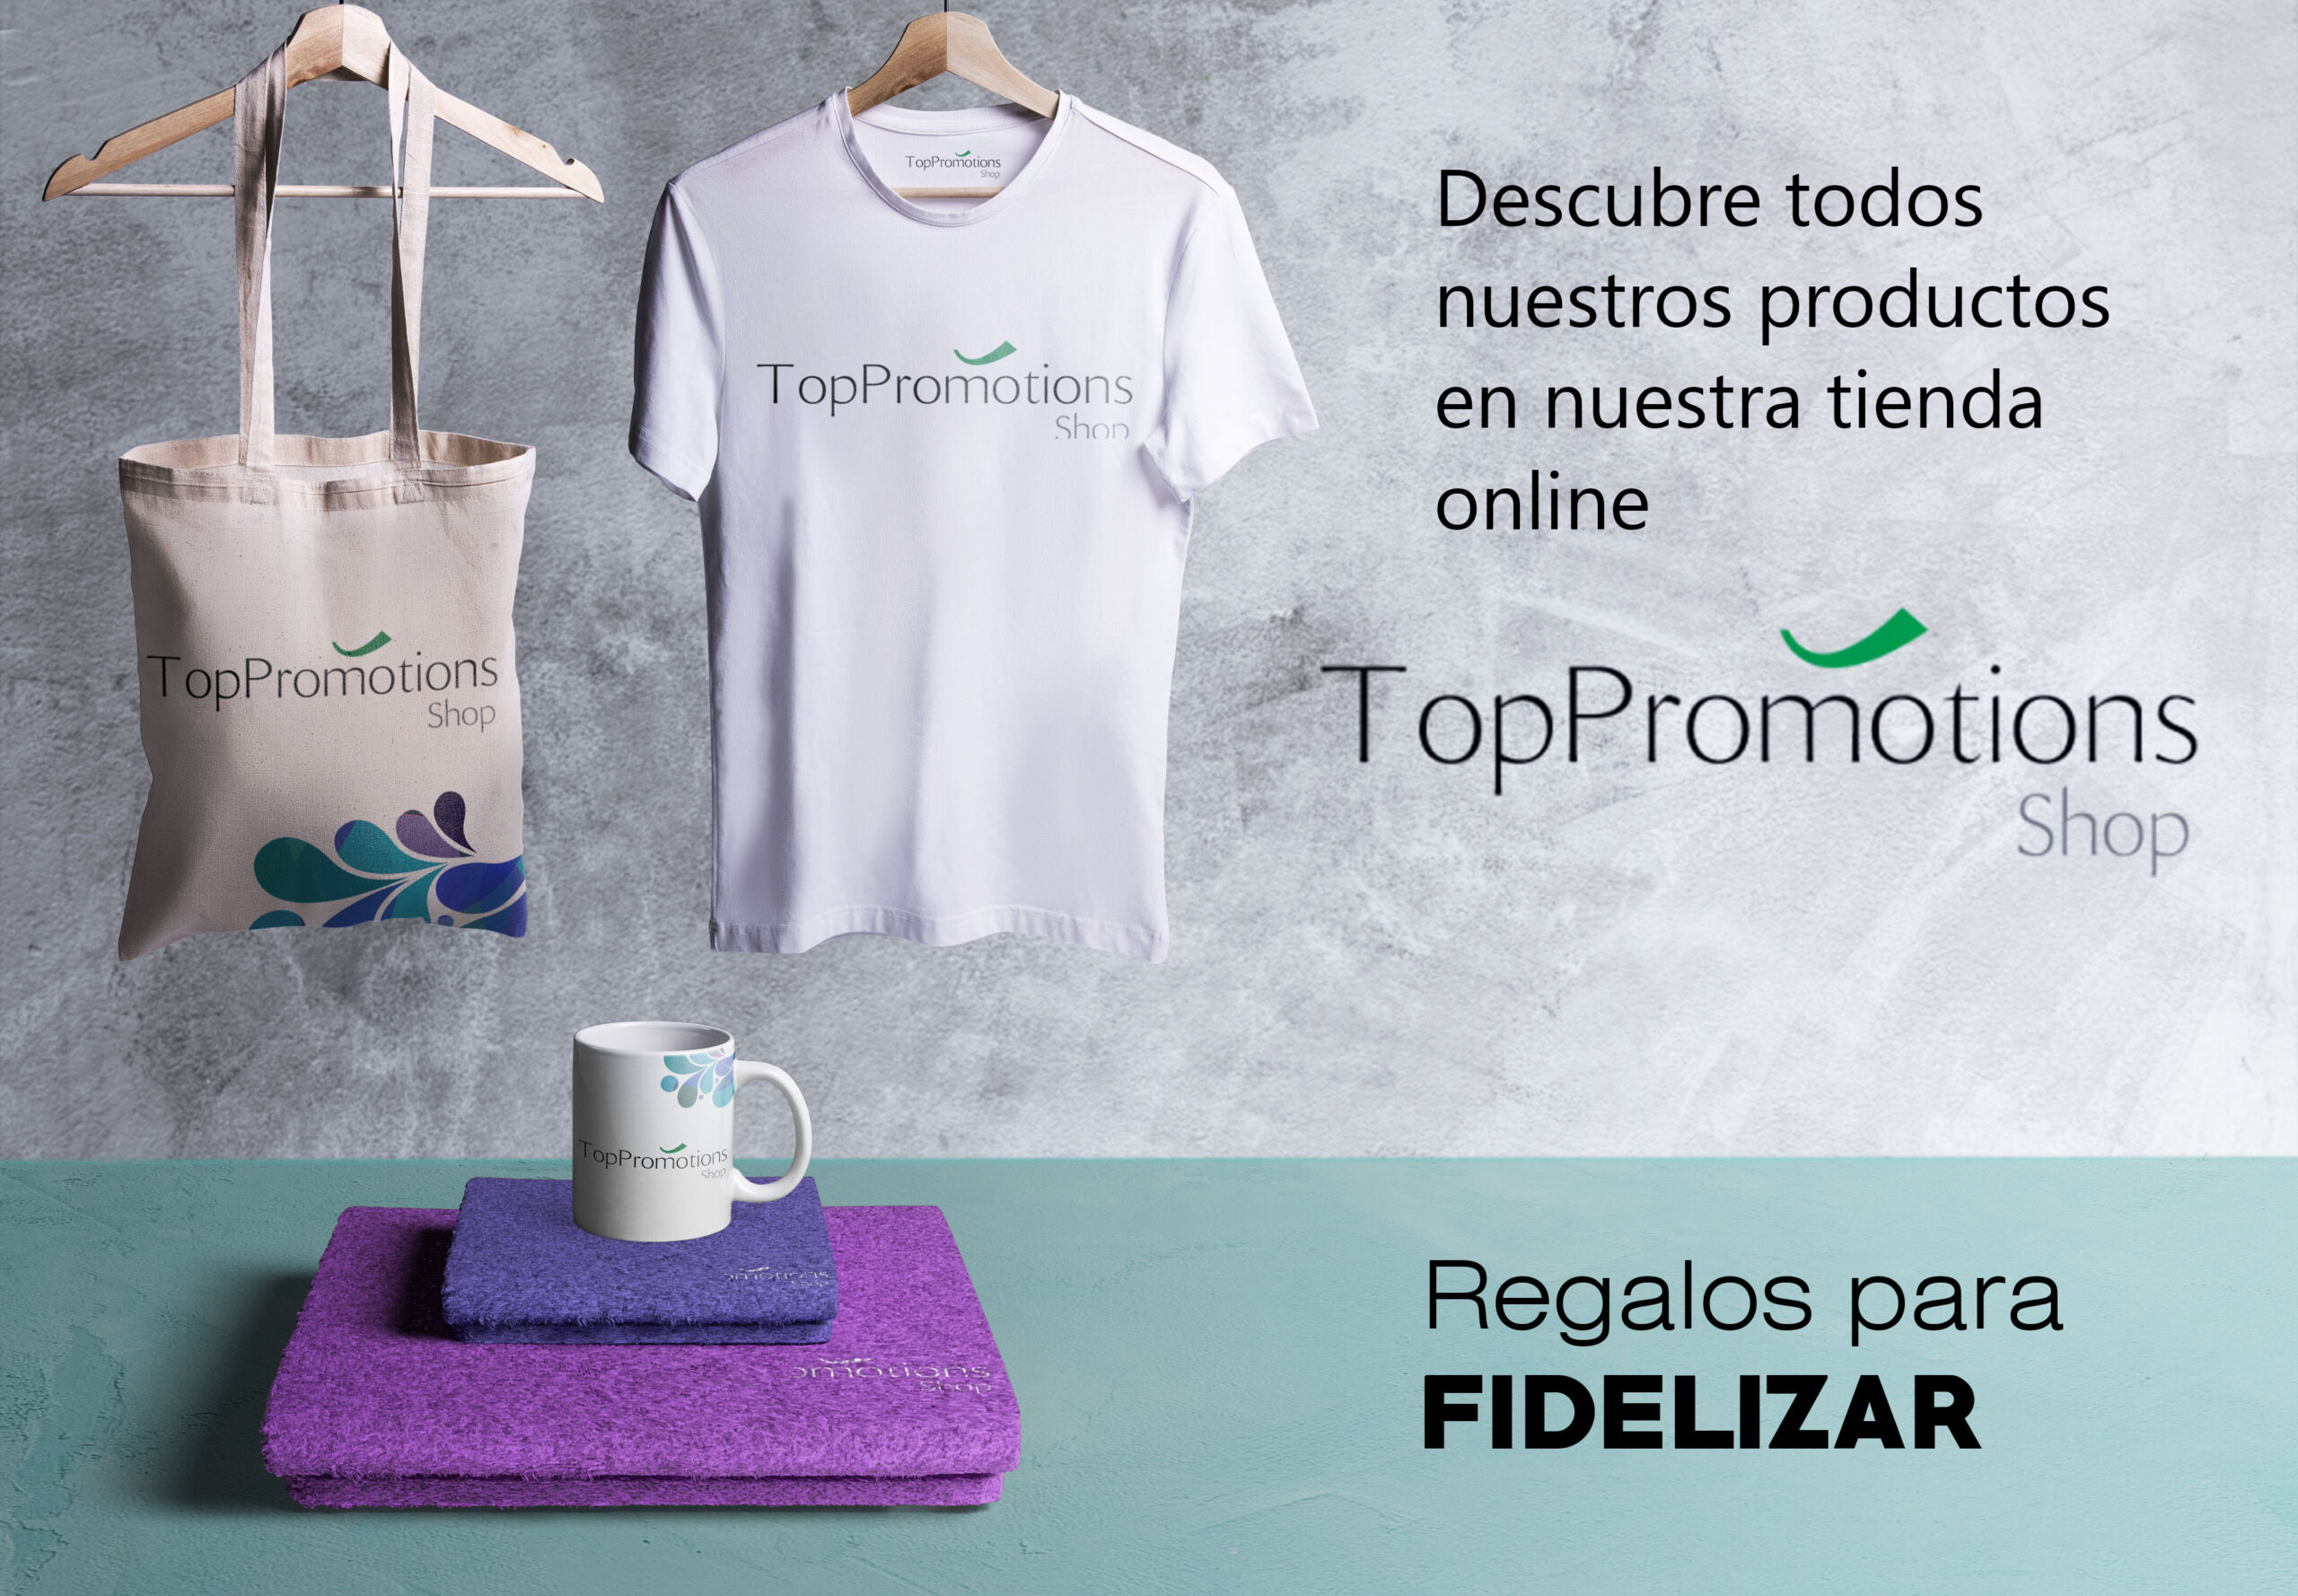 regalos publicitarios personalizados Toledo